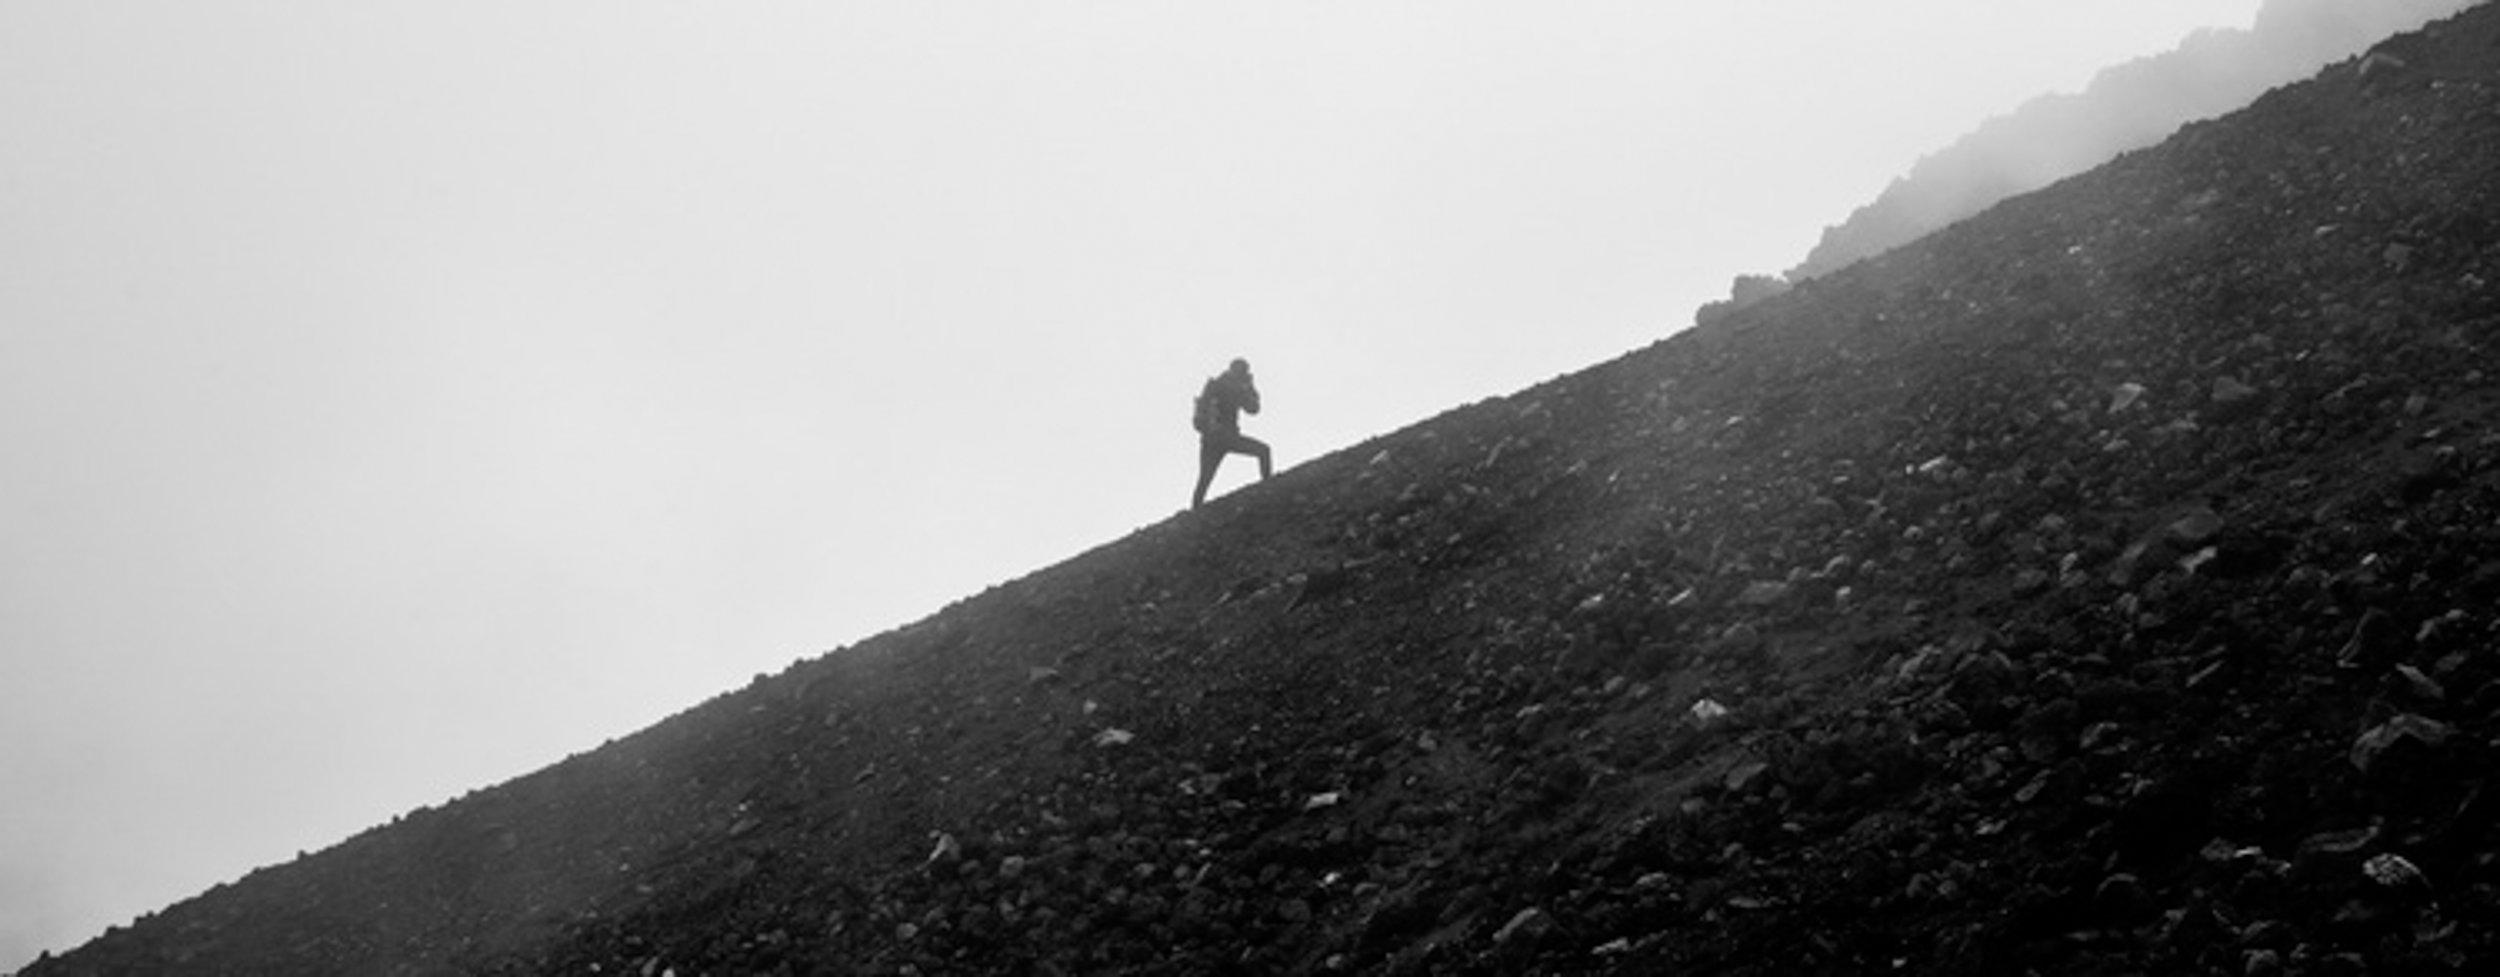 max_mesch_fotograf_portfolio_landschaft_vulkan_rei.jpg